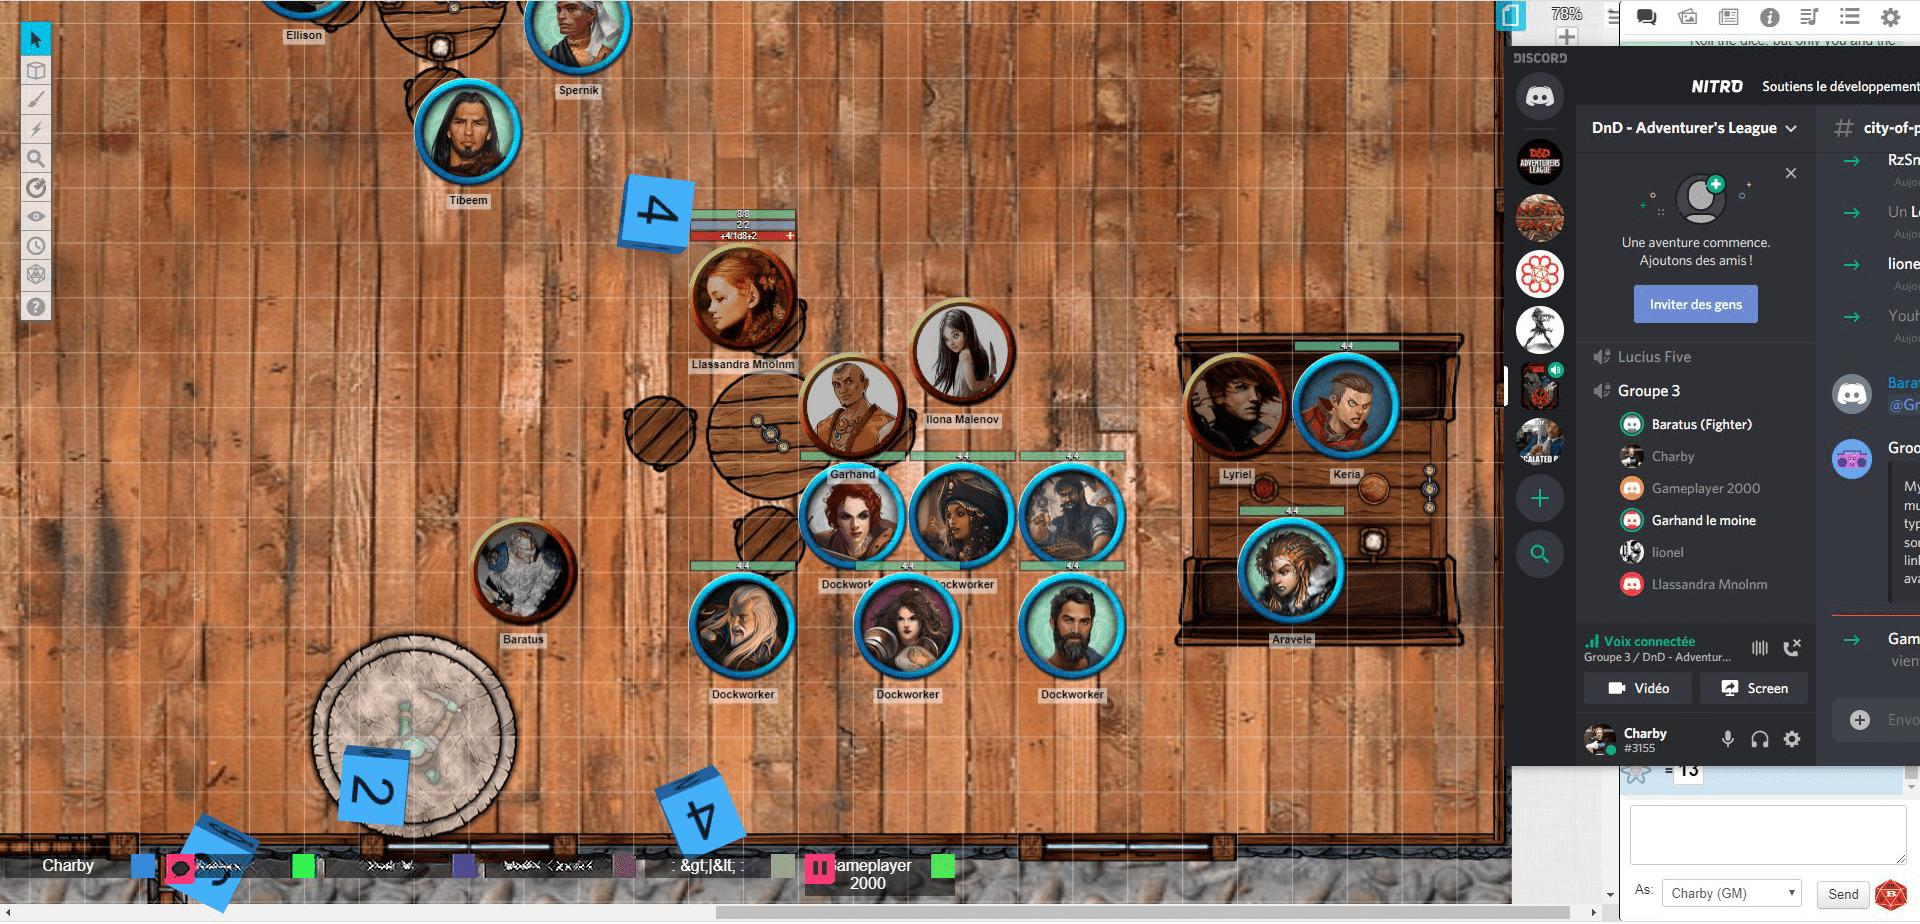 Des personnages confrontés à des ivrognes dans une taverne de Faérun. (Roll20)